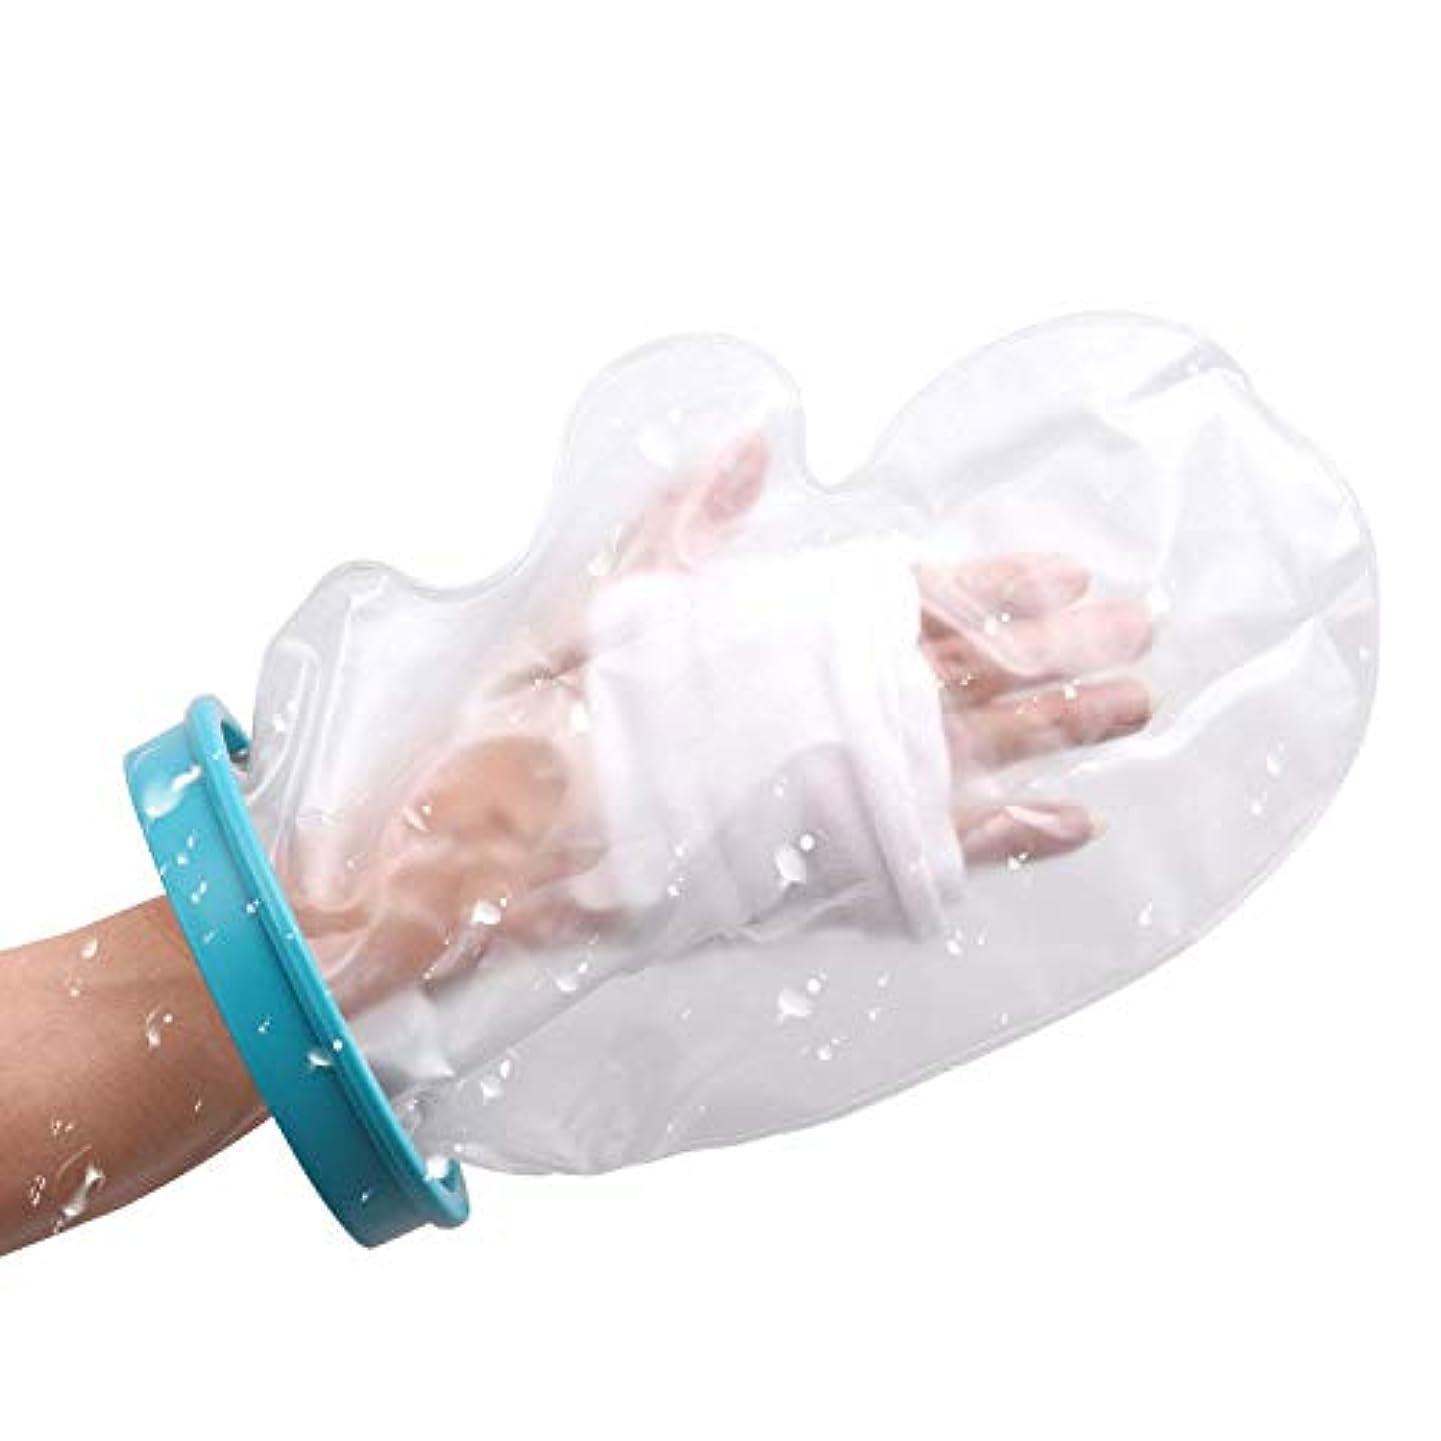 スカウトバタフライ見積りシャワー用ハンドキャストカバープロテクター、耐久性のある再利用可能なキャストスリーブバッグカバー大人手傷火傷手手首指